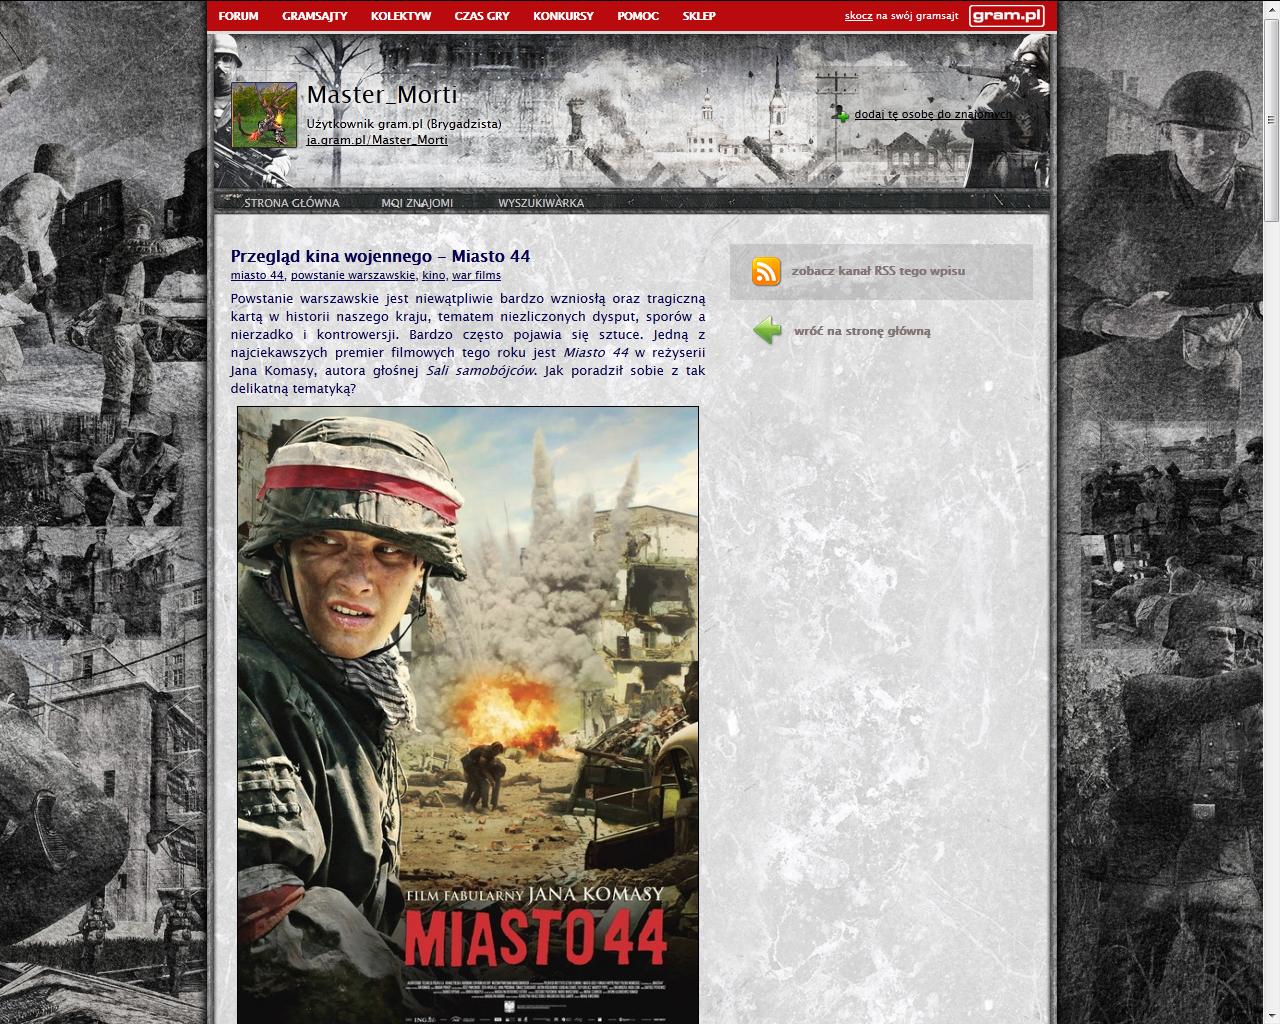 Co w gramsajtach piszczy #111 - O Ethanie Carterze, grach cRPG i filmie Miasto 44! - obrazek 4